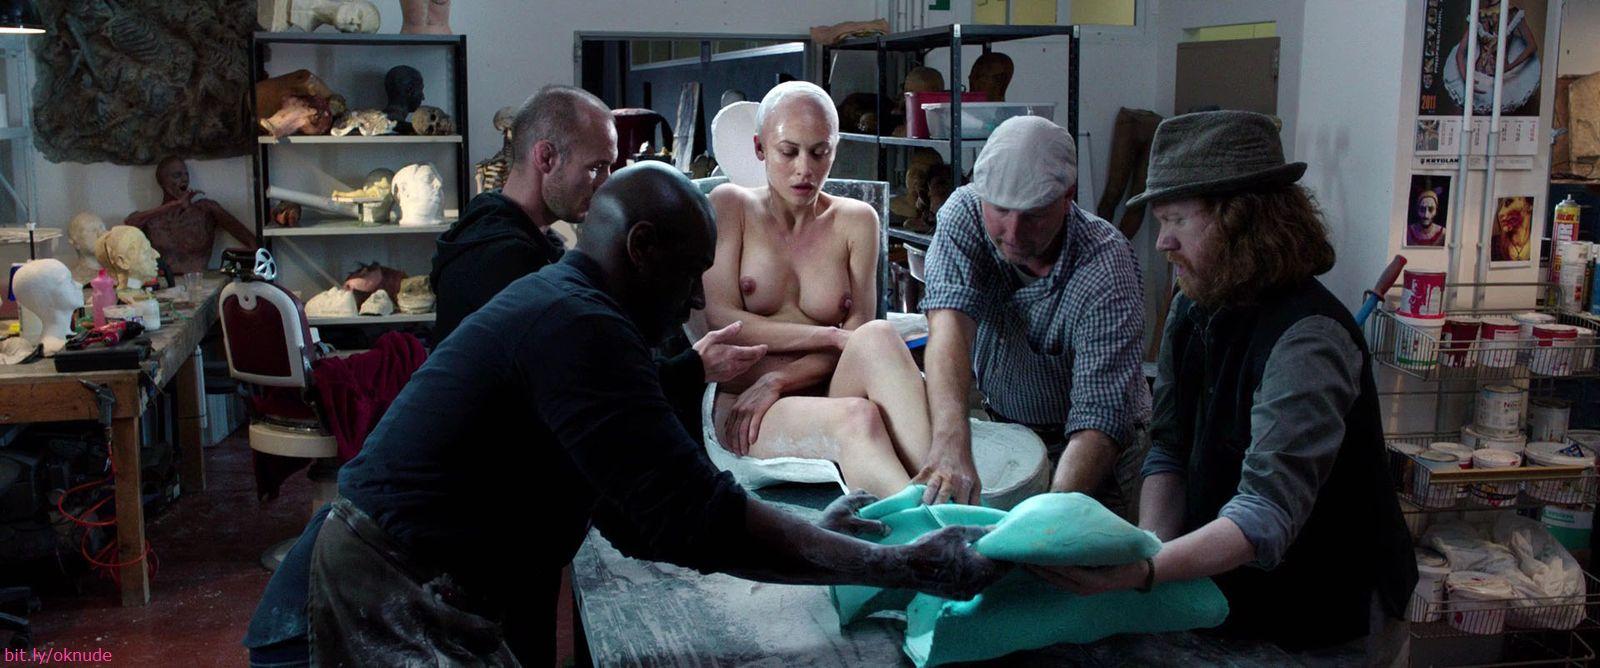 Olga Kurylenko Nude Gallery 30